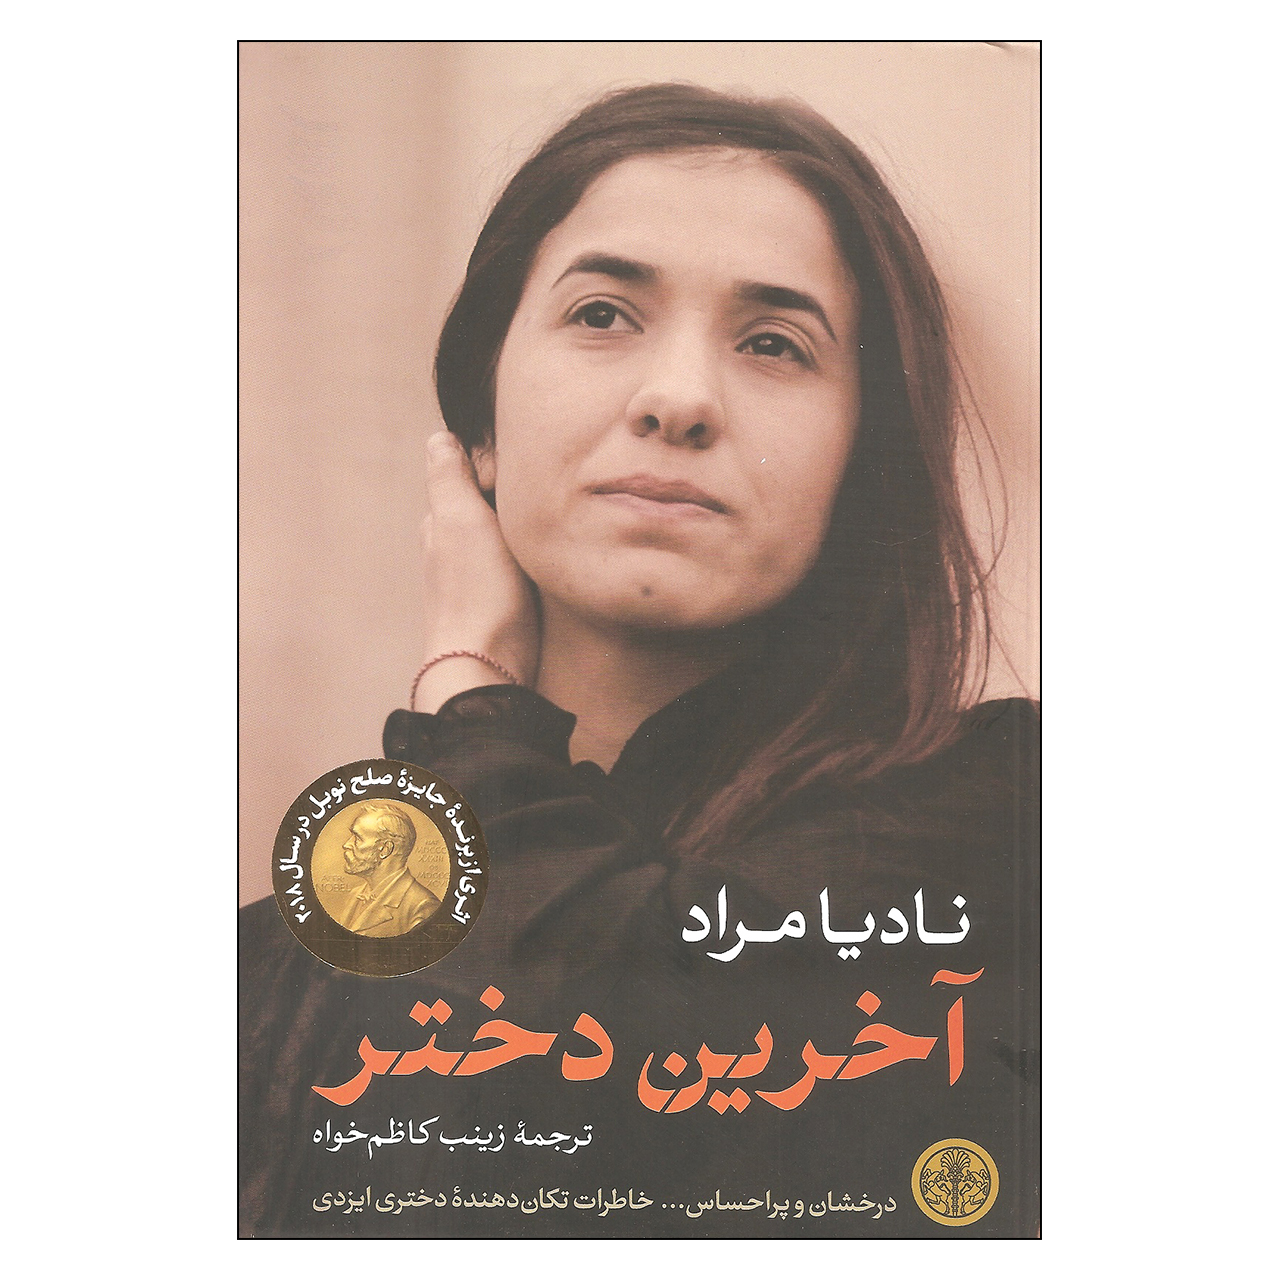 خرید                      کتاب آخرین دختر اثر نادیا مراد انتشارات کتاب پارسه